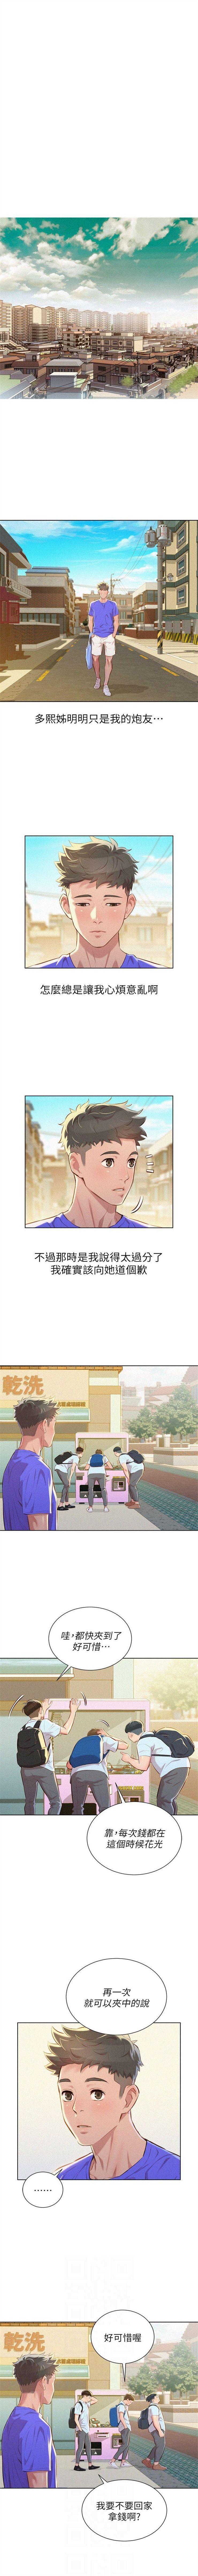 (周7)漂亮干姐姐  1-79 中文翻译 (更新中) 272